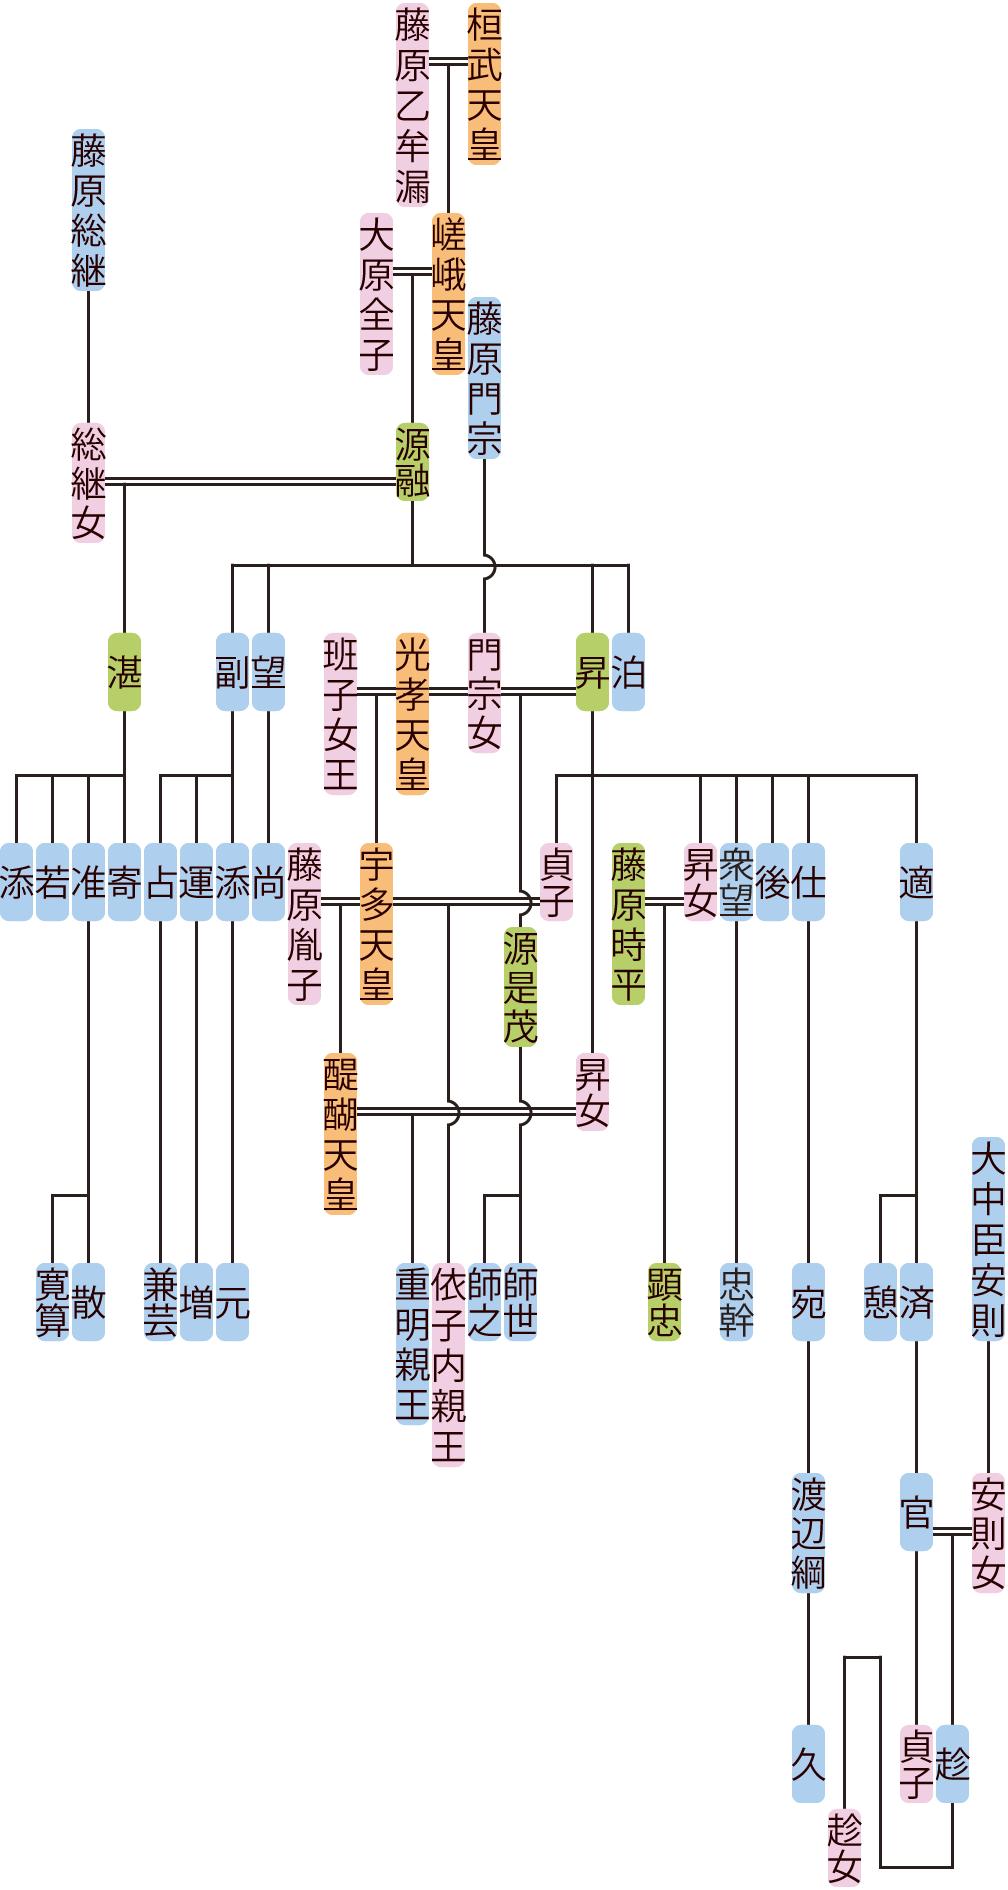 源融~宛の系図